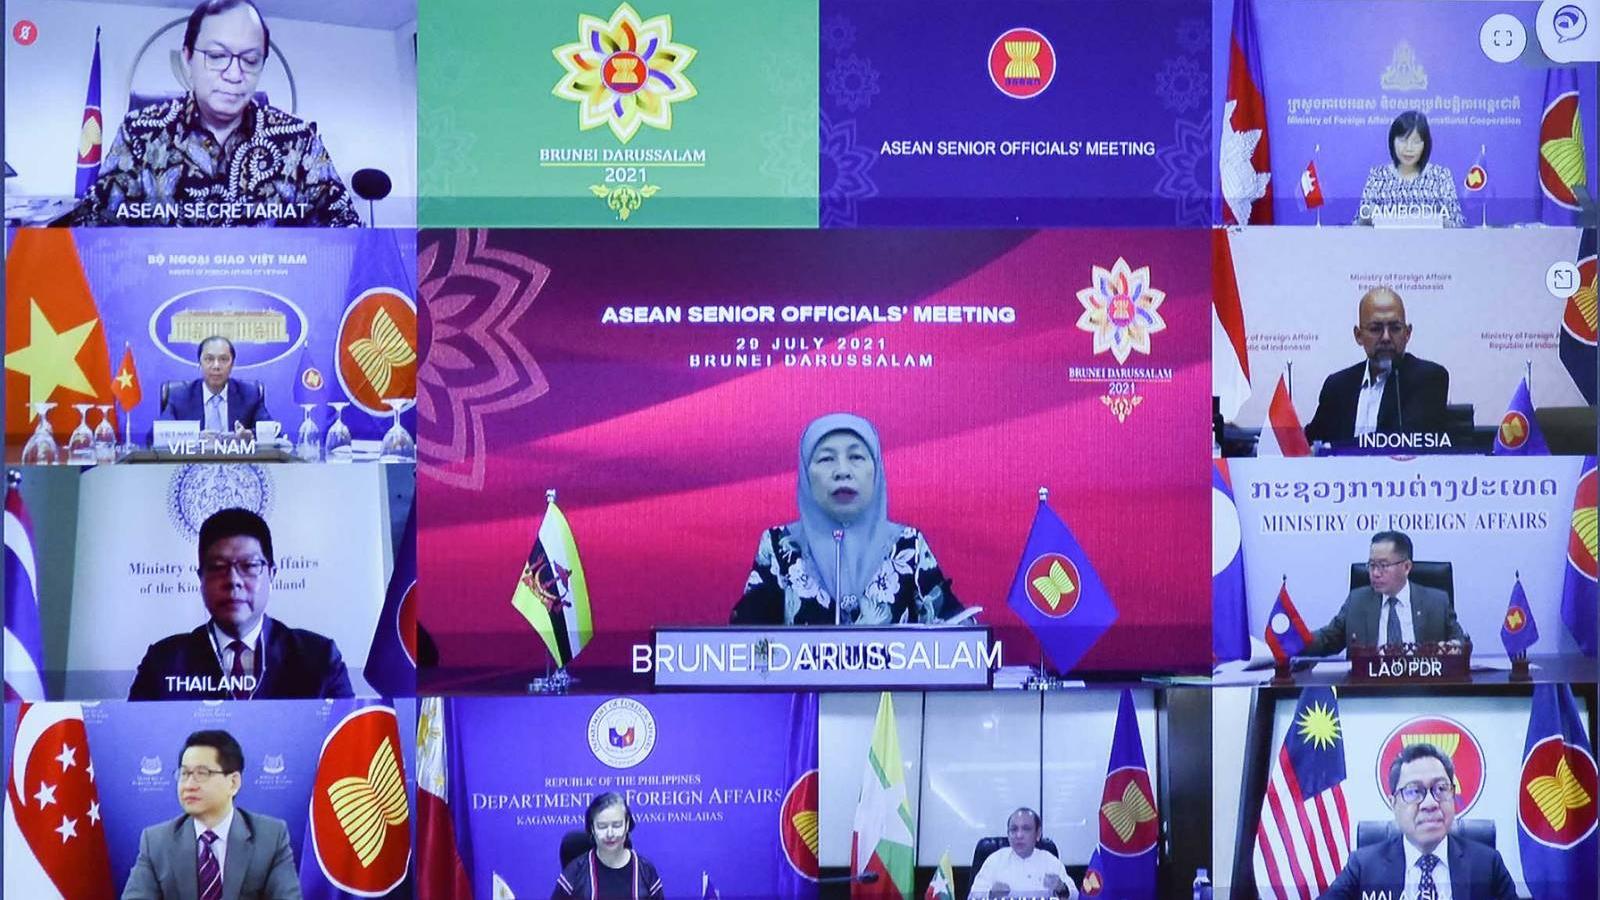 SOM ASEAN rà soát công tác chuẩn bị cho Hội nghị Bộ trưởng Ngoại giao lần thứ 54